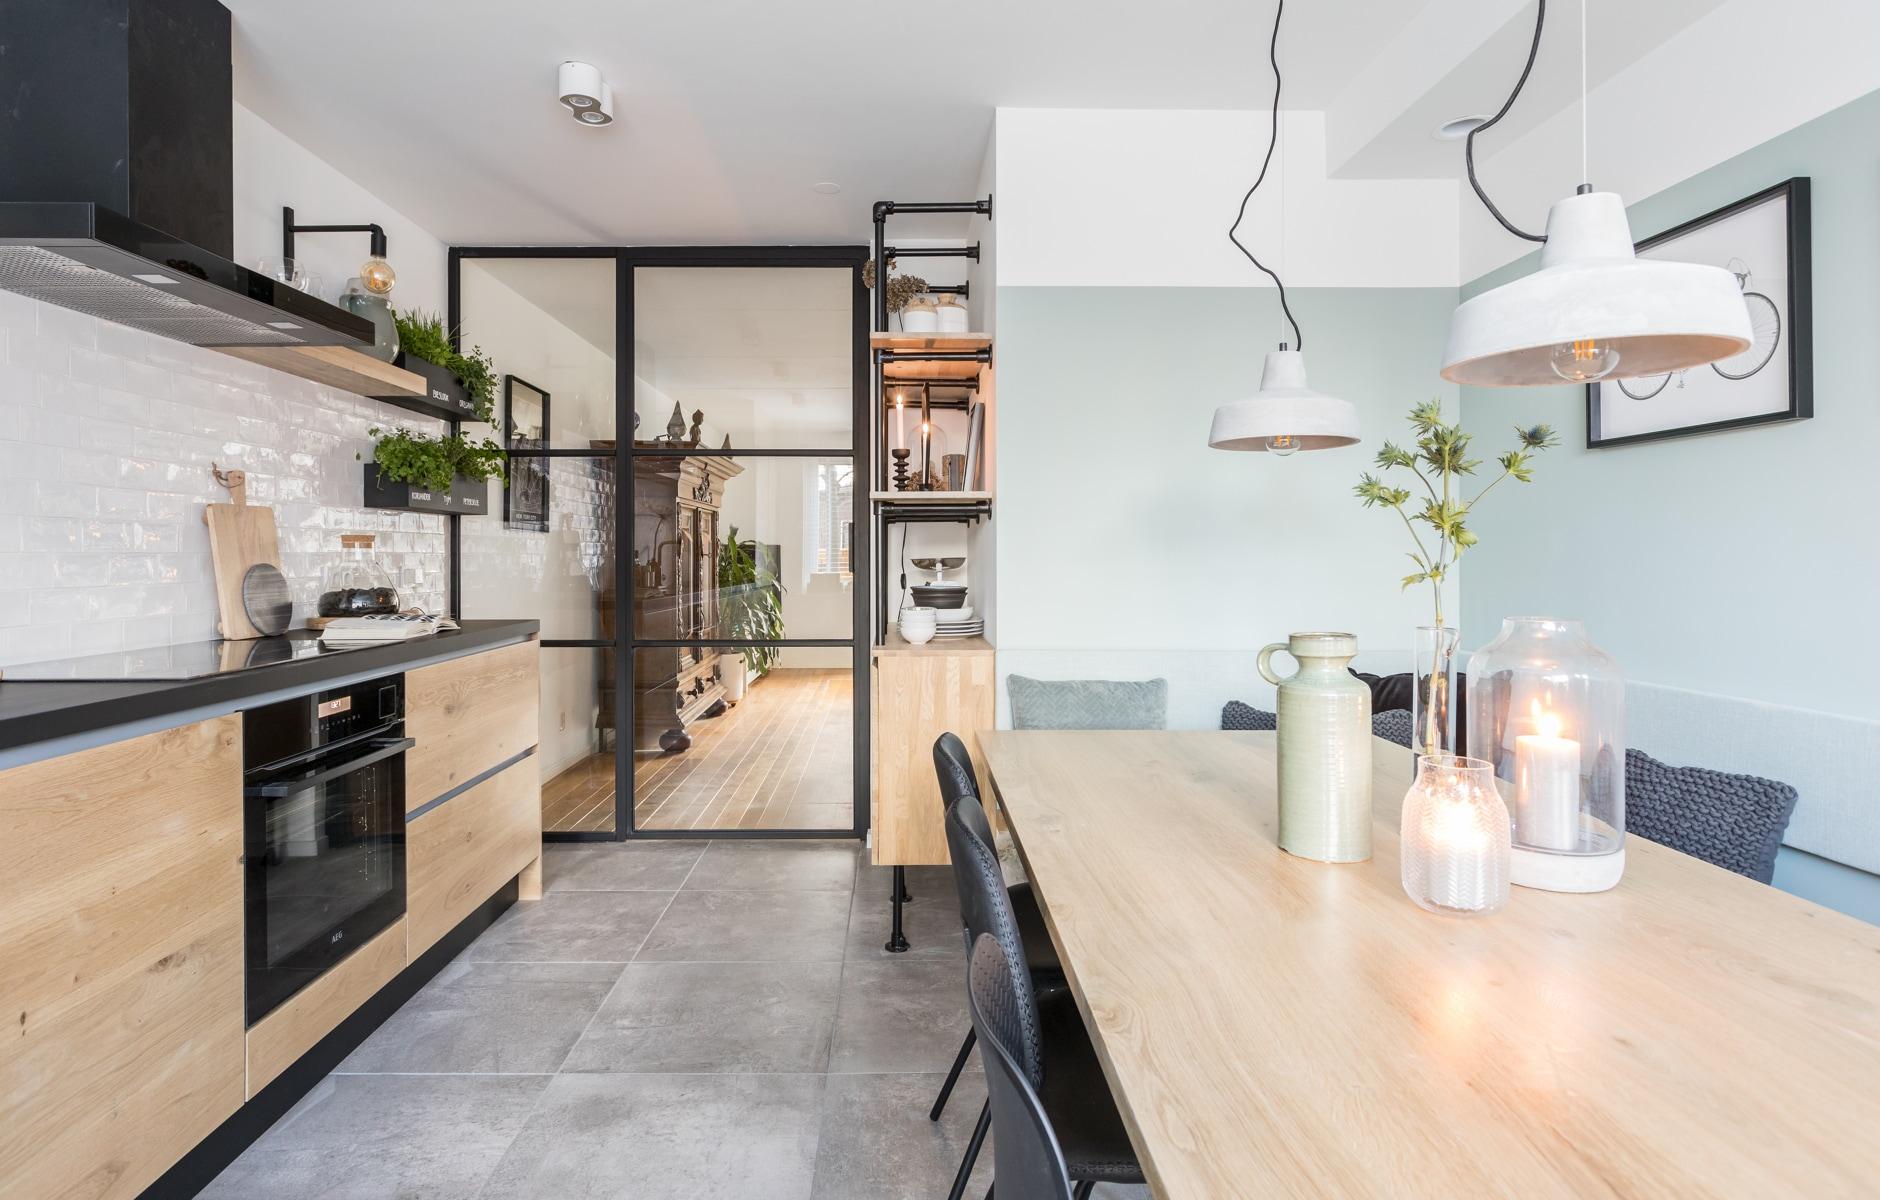 Eigenhuis Keukens Hoofddorp : Eigenhuis keukens capelle fantastisch eigenhuis keukens capelle